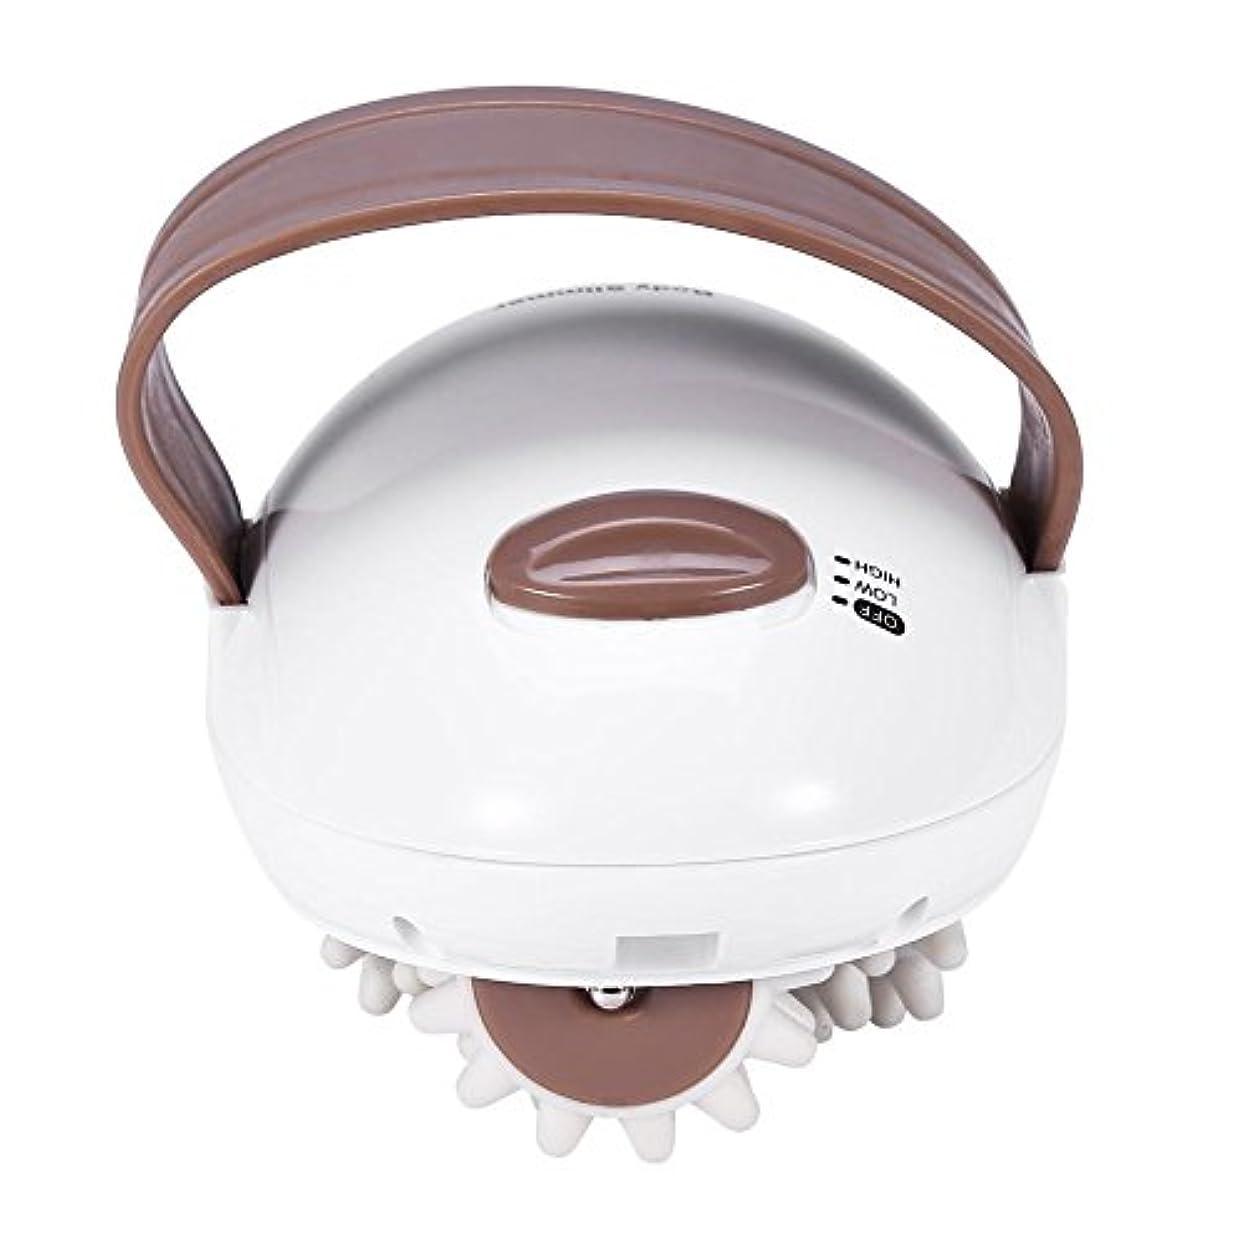 ネコタップ心理的に3D電動マッサージ完全リラクゼーションボディマッサージ機器(1)